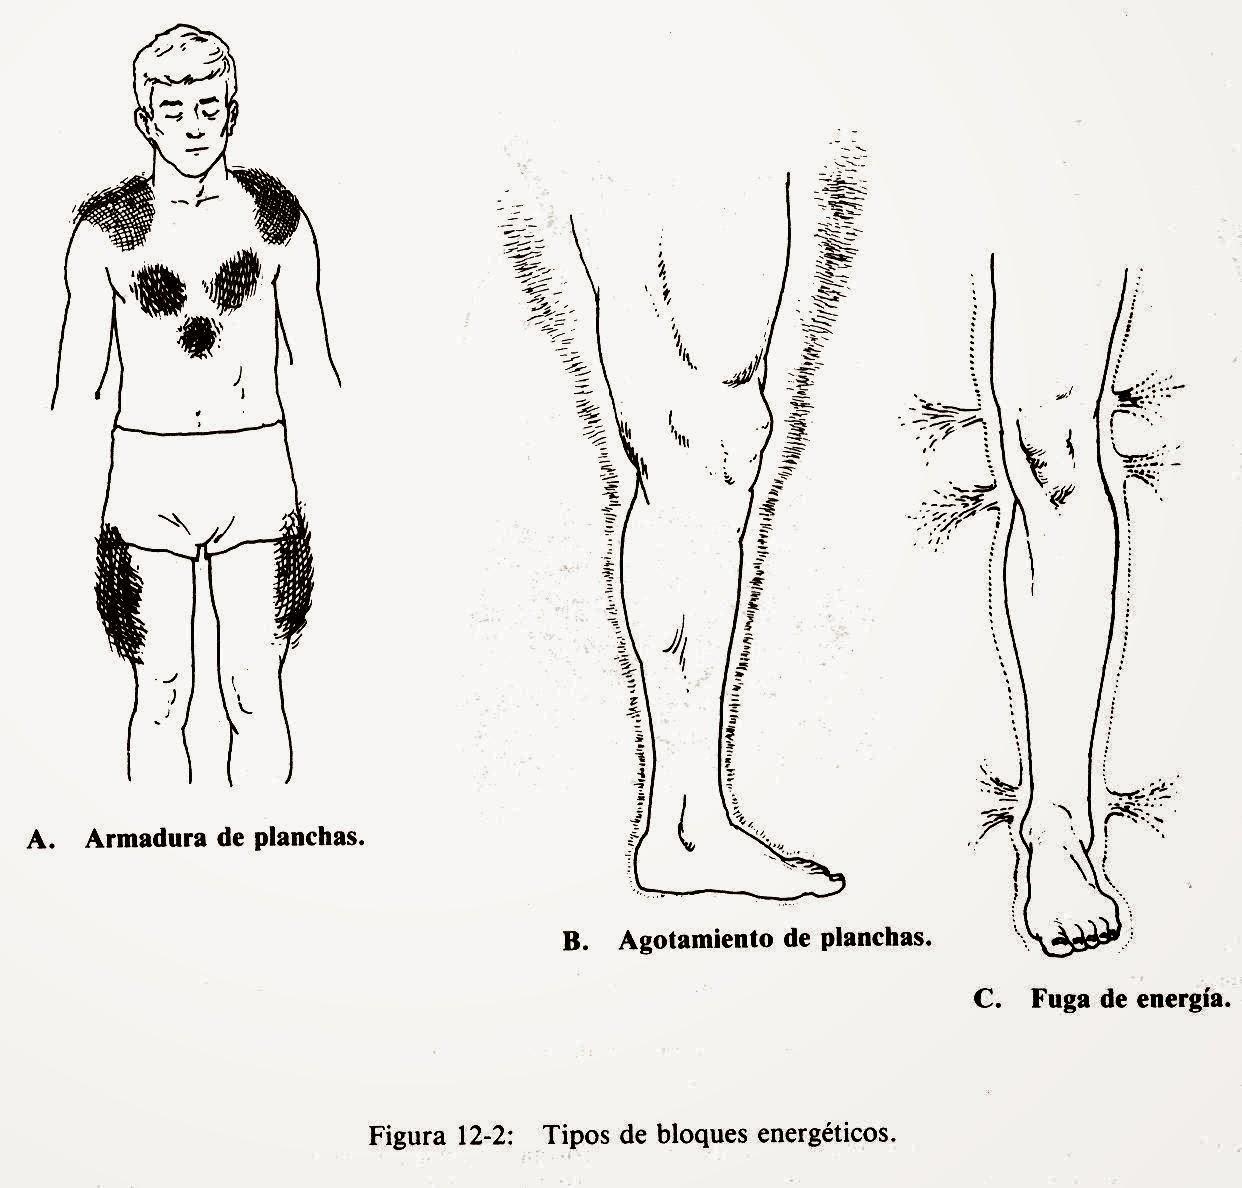 Figuras de Barbara Brennan indicando bloqueos energeticos en hombre